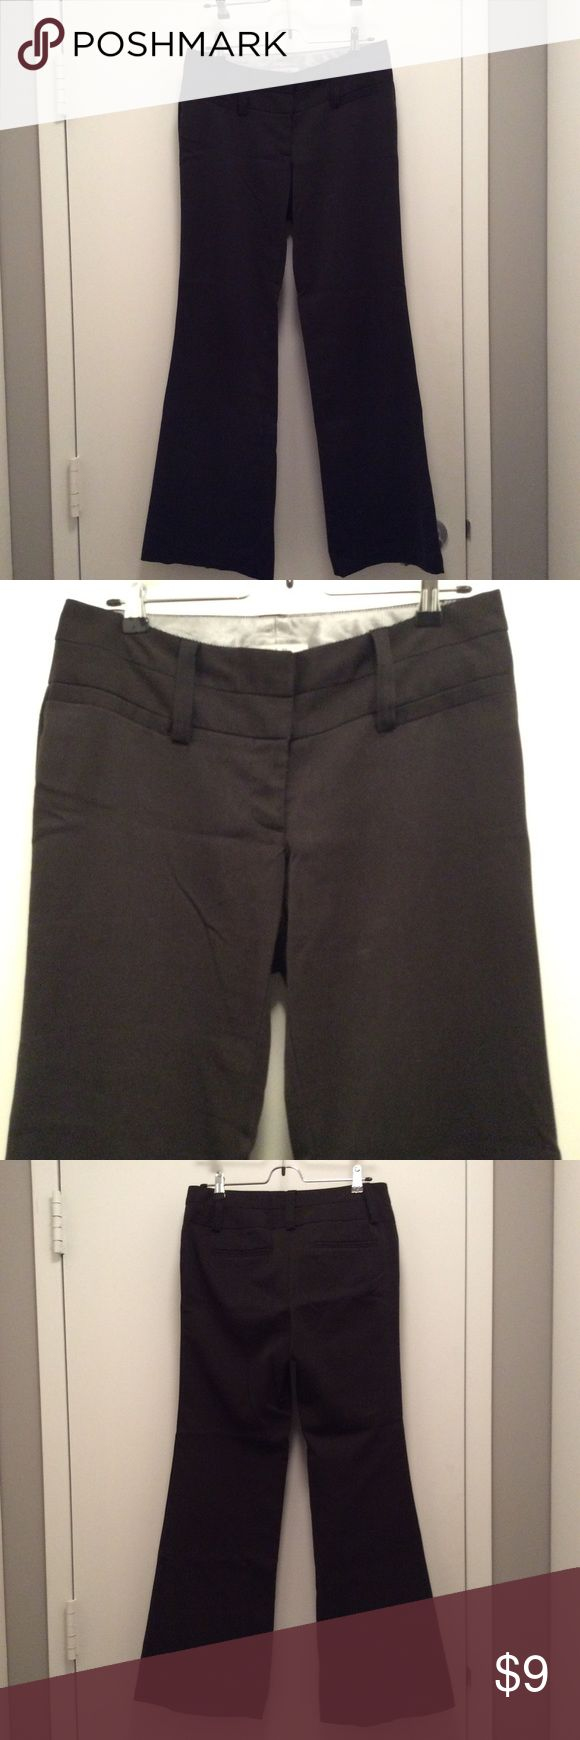 Charlotte ruse ladies slacks black used size 4 Charlotte ruse ladies slacks black used size 4 Charlotte Russe Pants Trousers